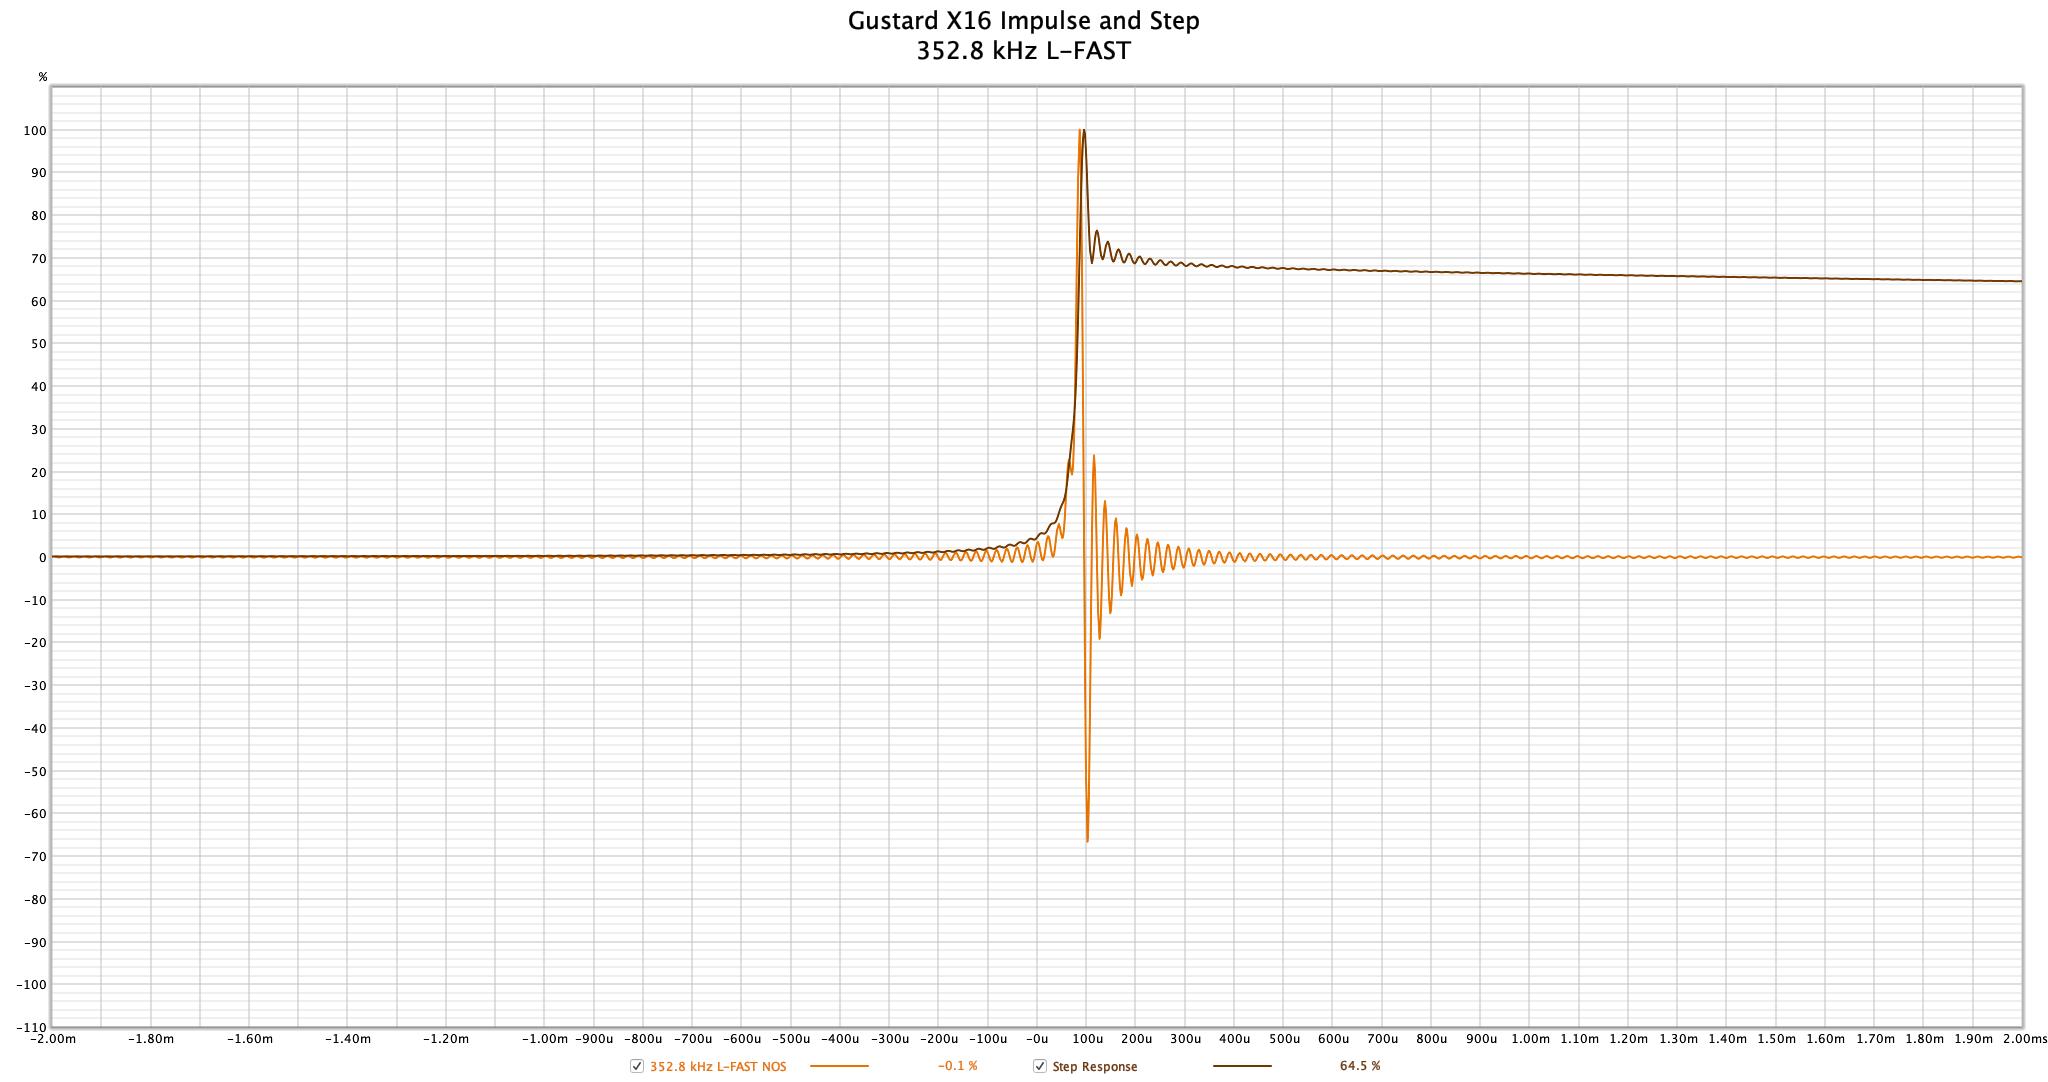 Gustard X16 - 352.8 kHz Impulse.png